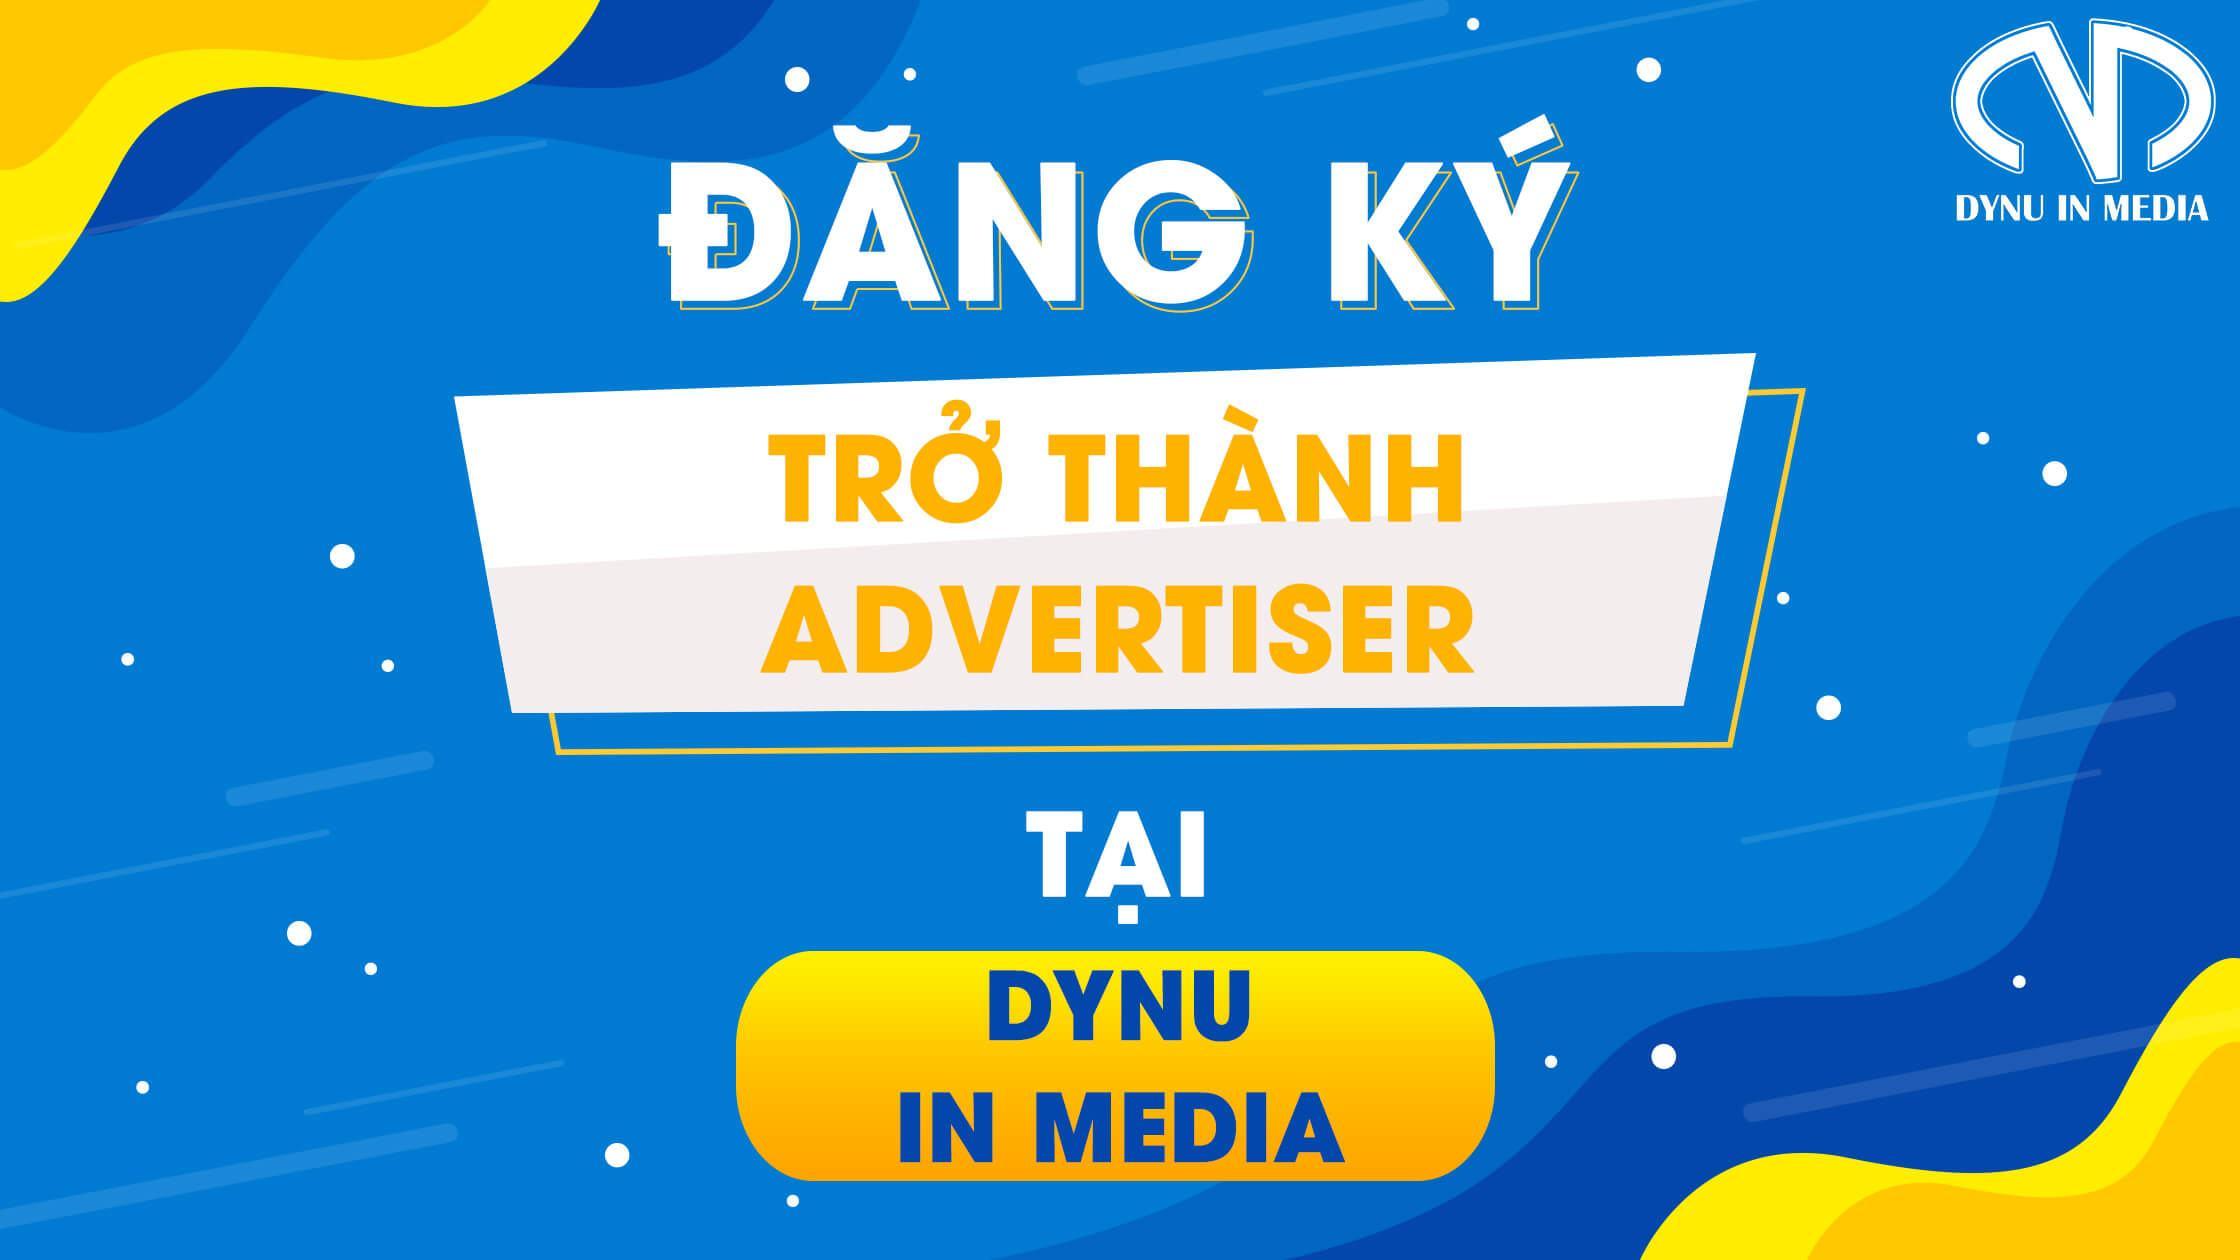 Đăng ký trở thành Advertiser tại DYNU IN MEDIA